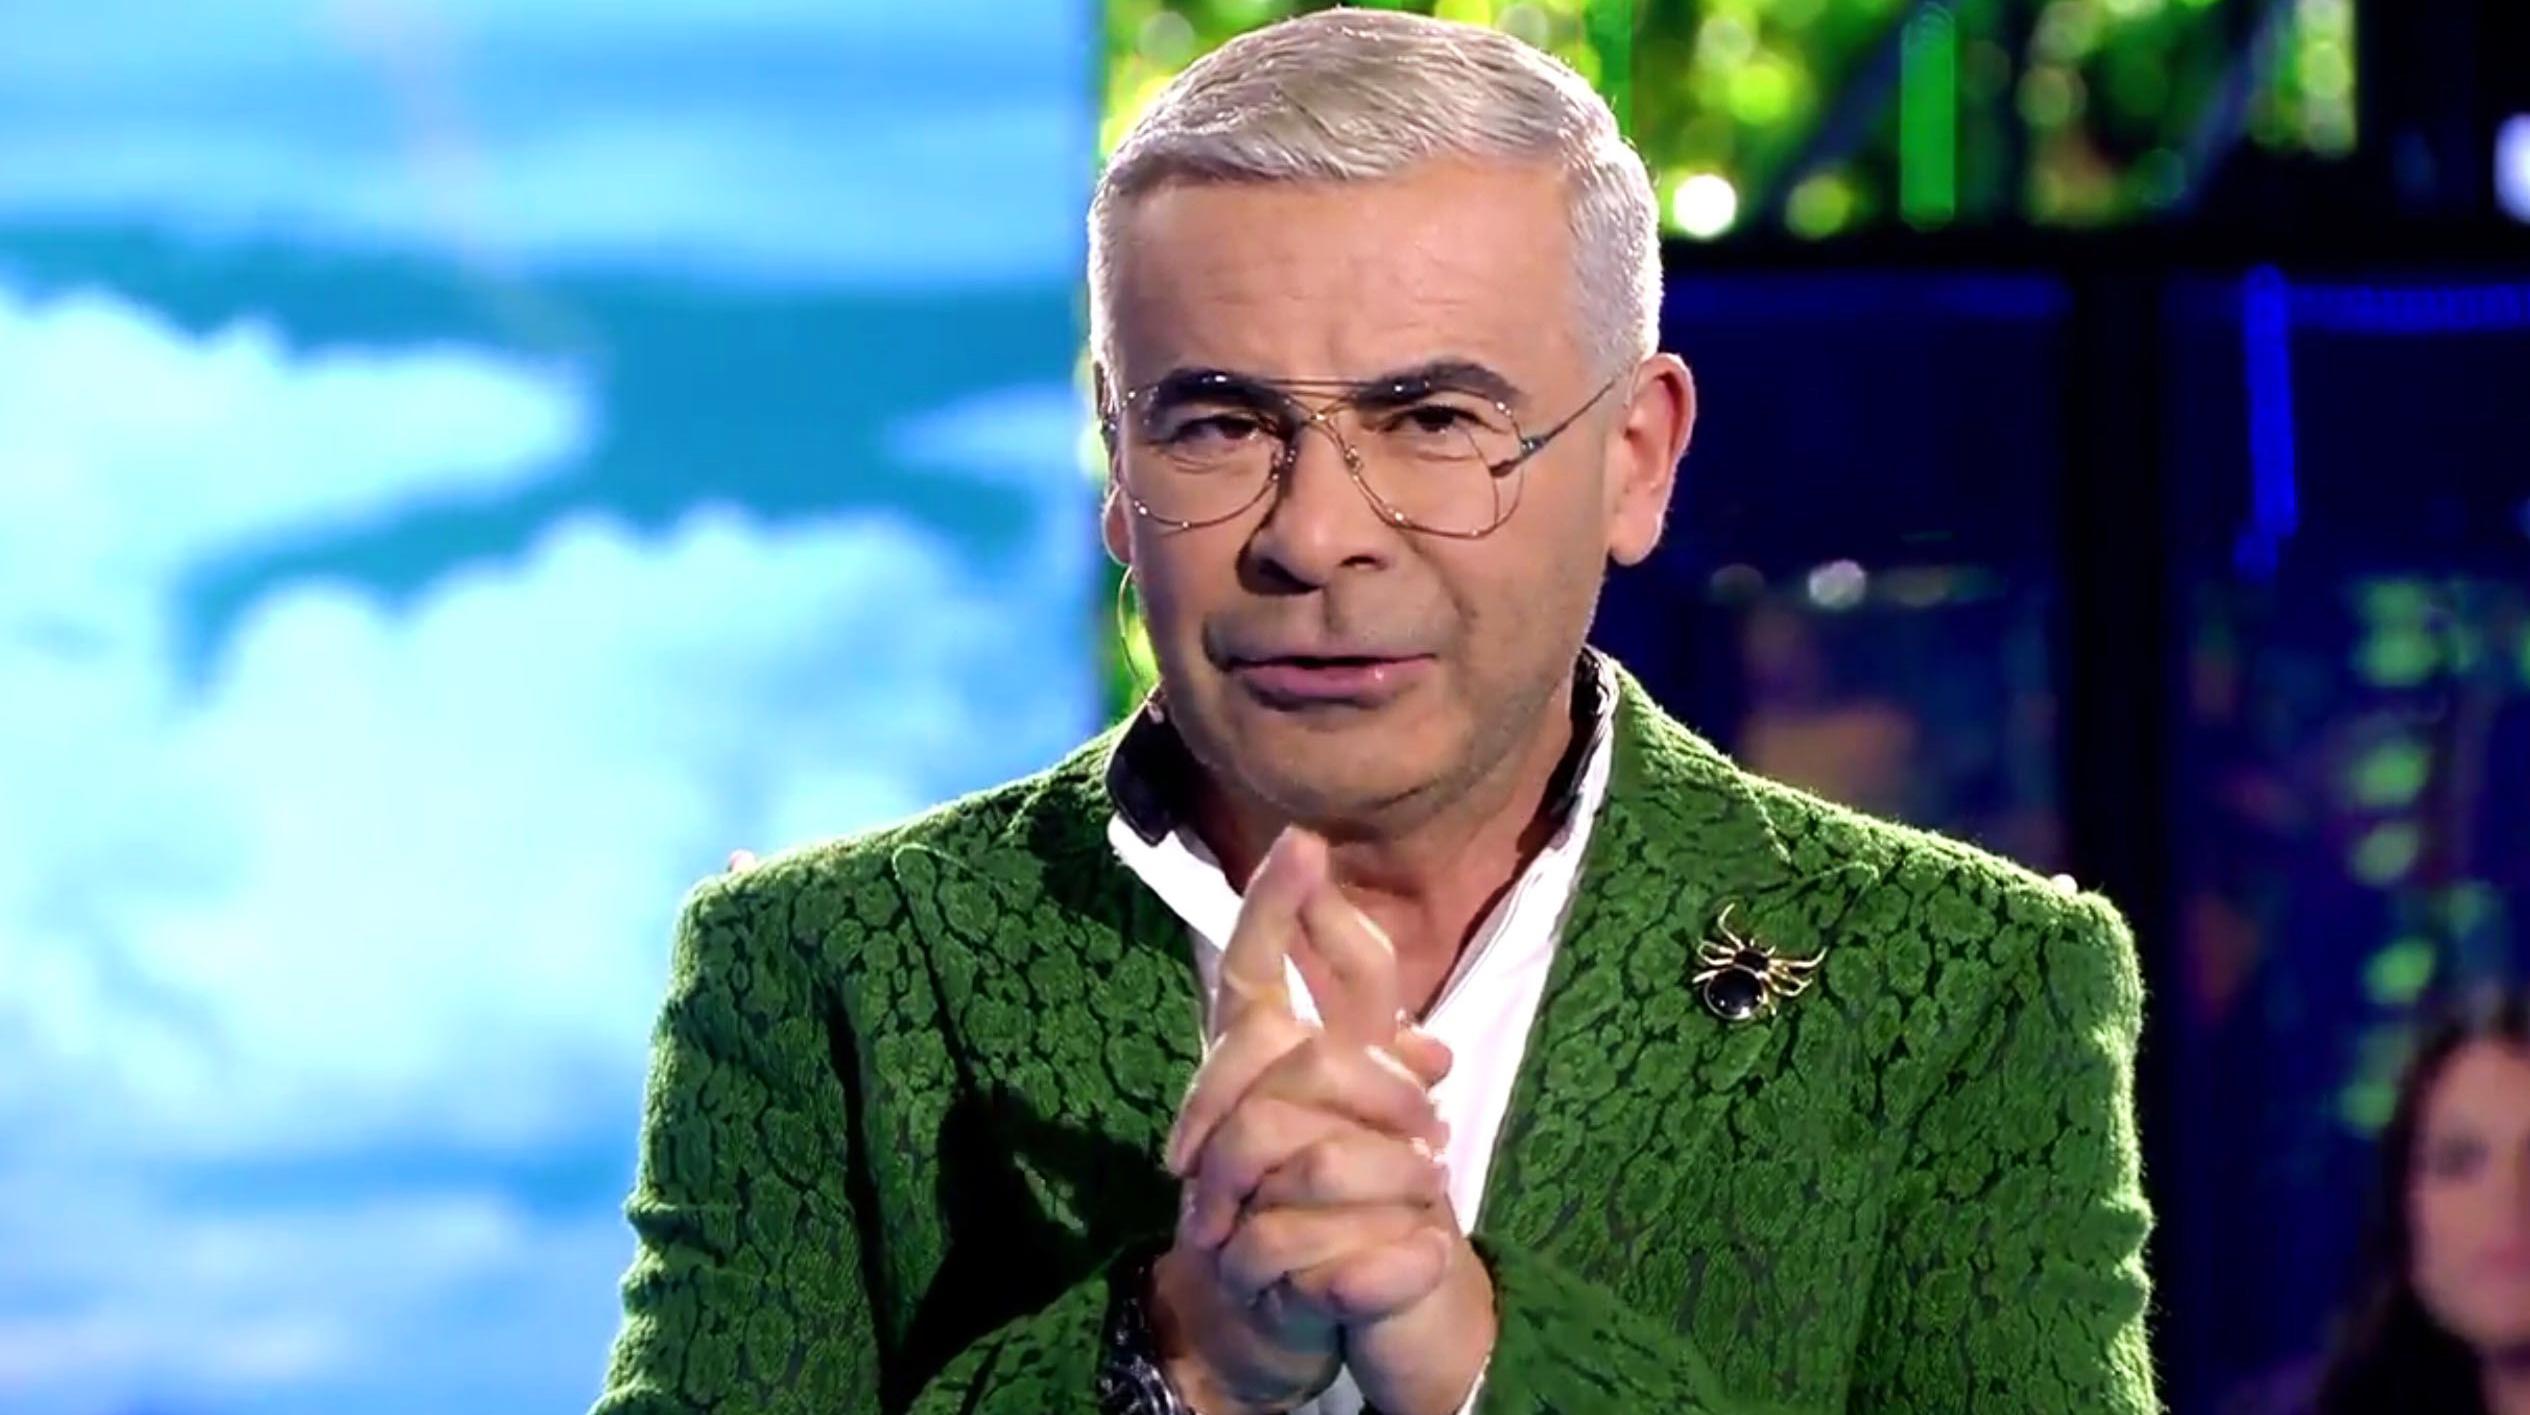 Jorge Javier Vázquez a 'Supervivientes' - Telecinco